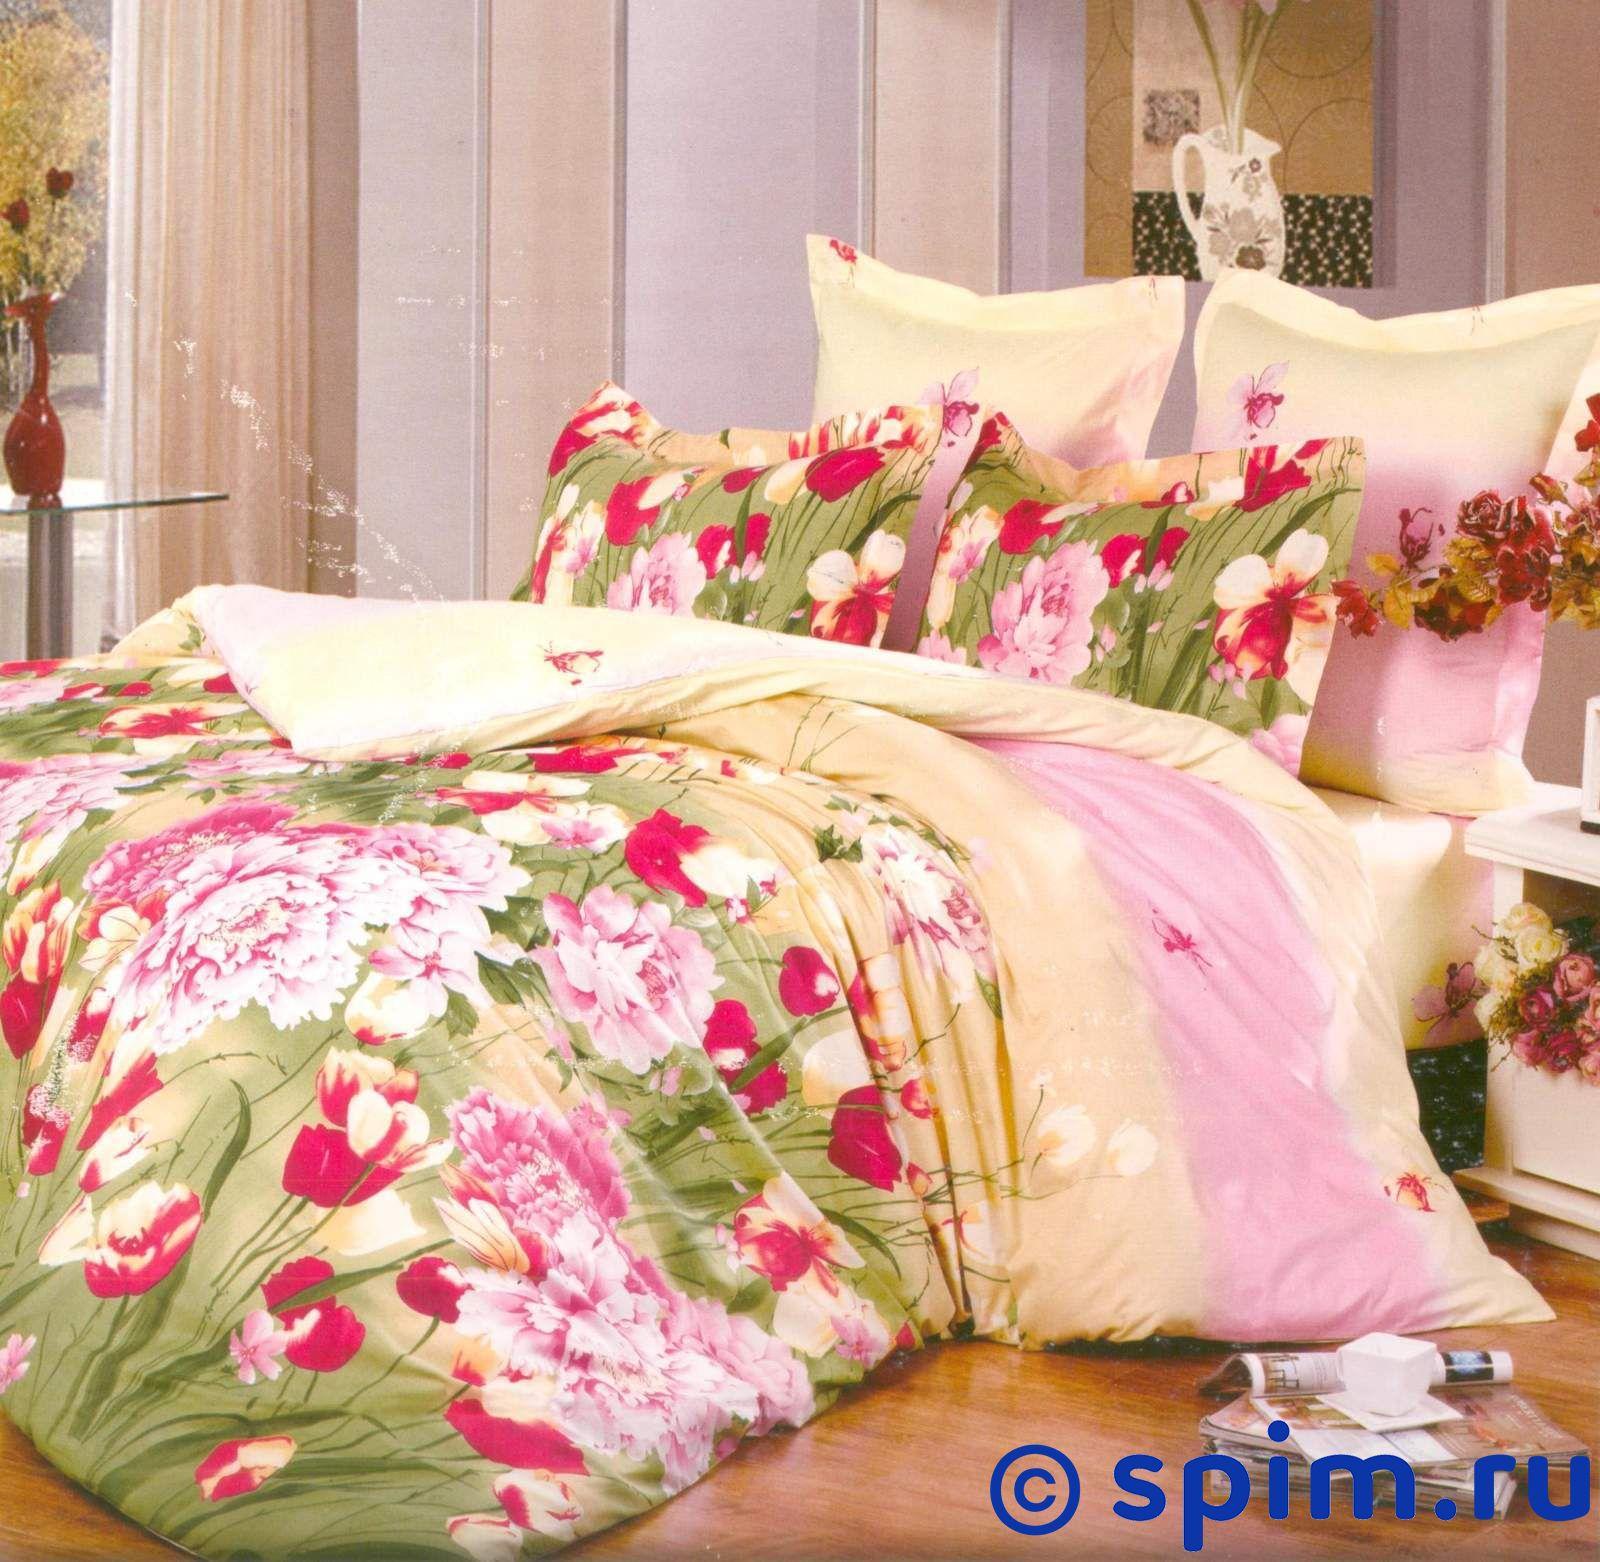 Комплект СайлиД В115 СемейноеСатиновое постельное белье СайлиД<br>Материал: 100% хлопок (печатный сатин). Плотность, г/м2: 130. Размер Sailid Б: Семейное<br><br>Размер: Семейное